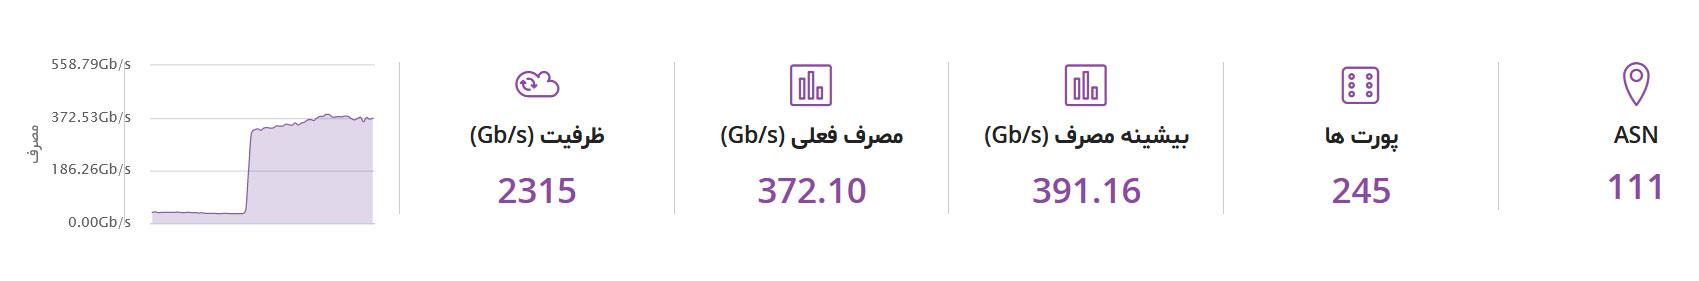 کدام سازمان از بسته شدن سایتهای دانلود فیلم نفع میبرد؟ / کاهش شدید مصرف اینترنت در تهران + تکمیلی